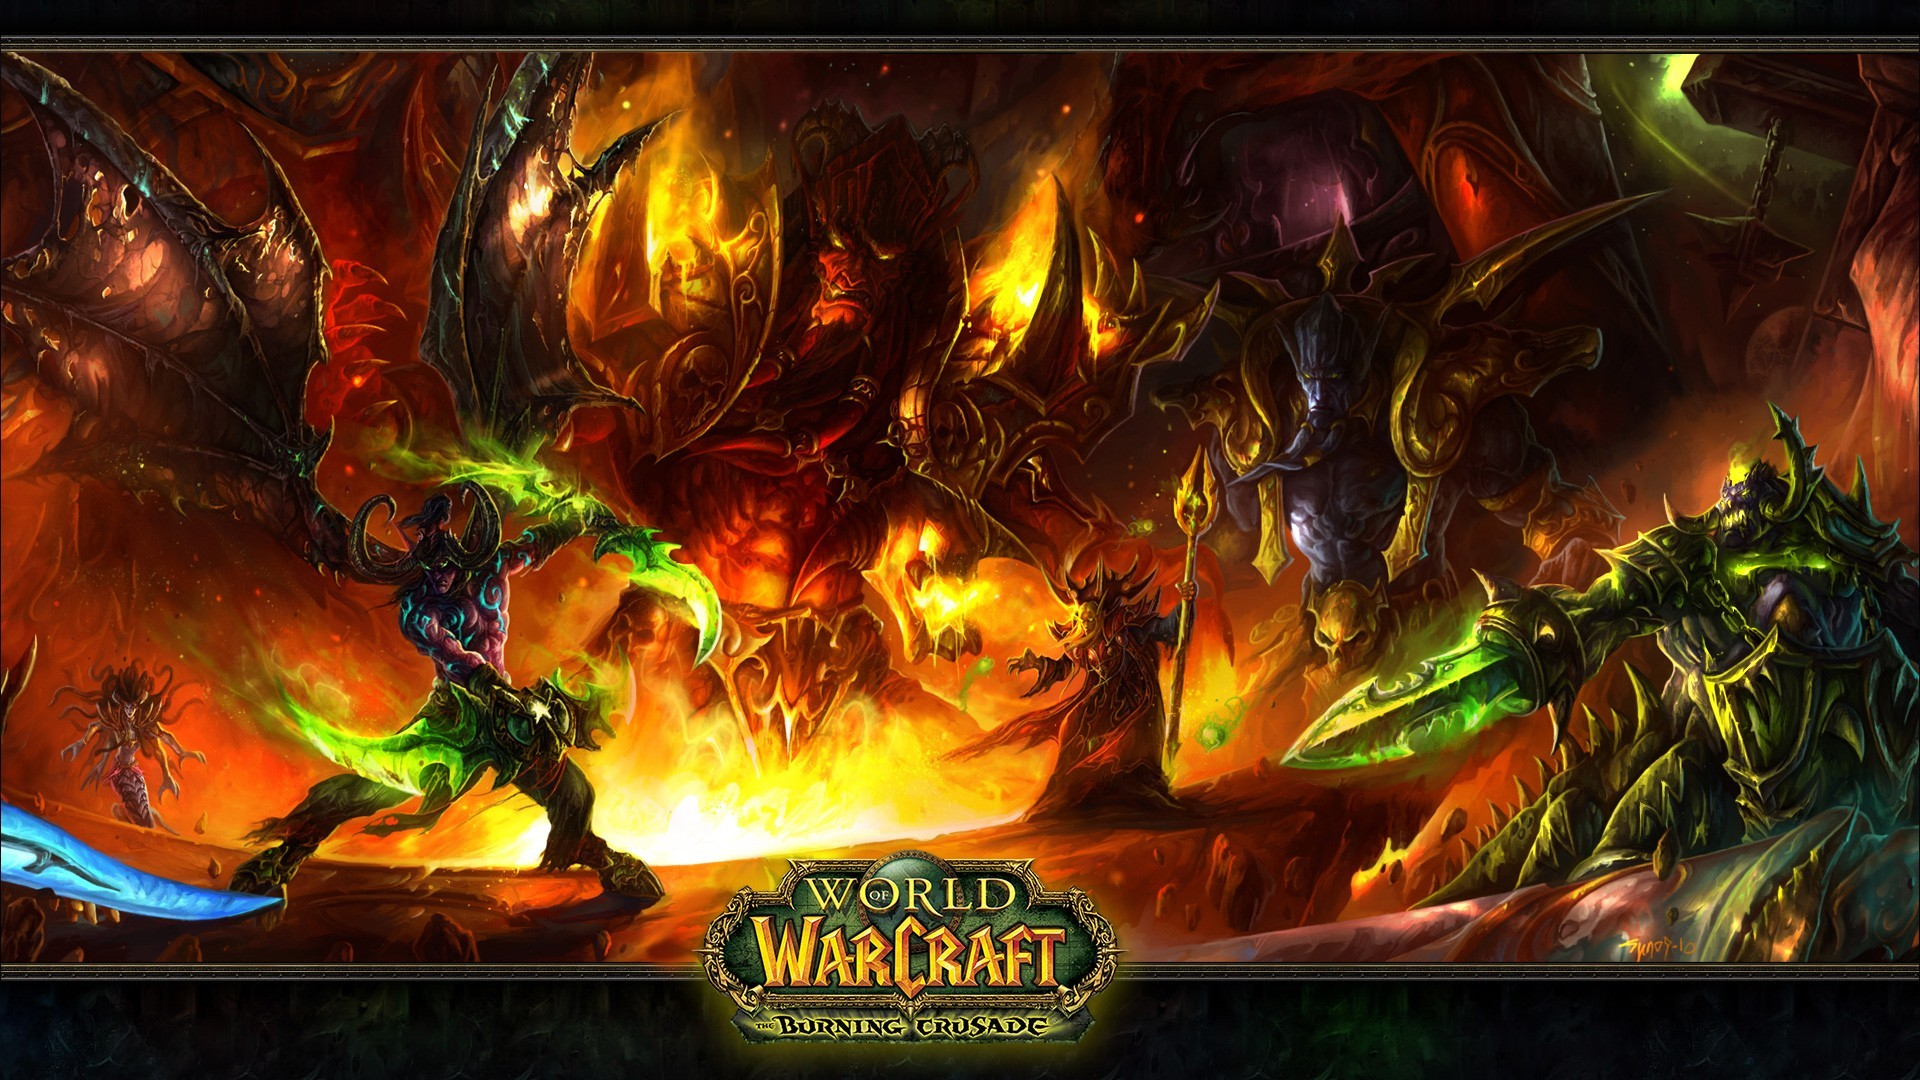 World of Warcraft WOW Dwarf Drawing Bear wallpaper 1280×960 WOW Hunter  Wallpaper (45 Wallpapers) | Adorable Wallpapers | Desktop | Pinterest |  Wallpaper, …